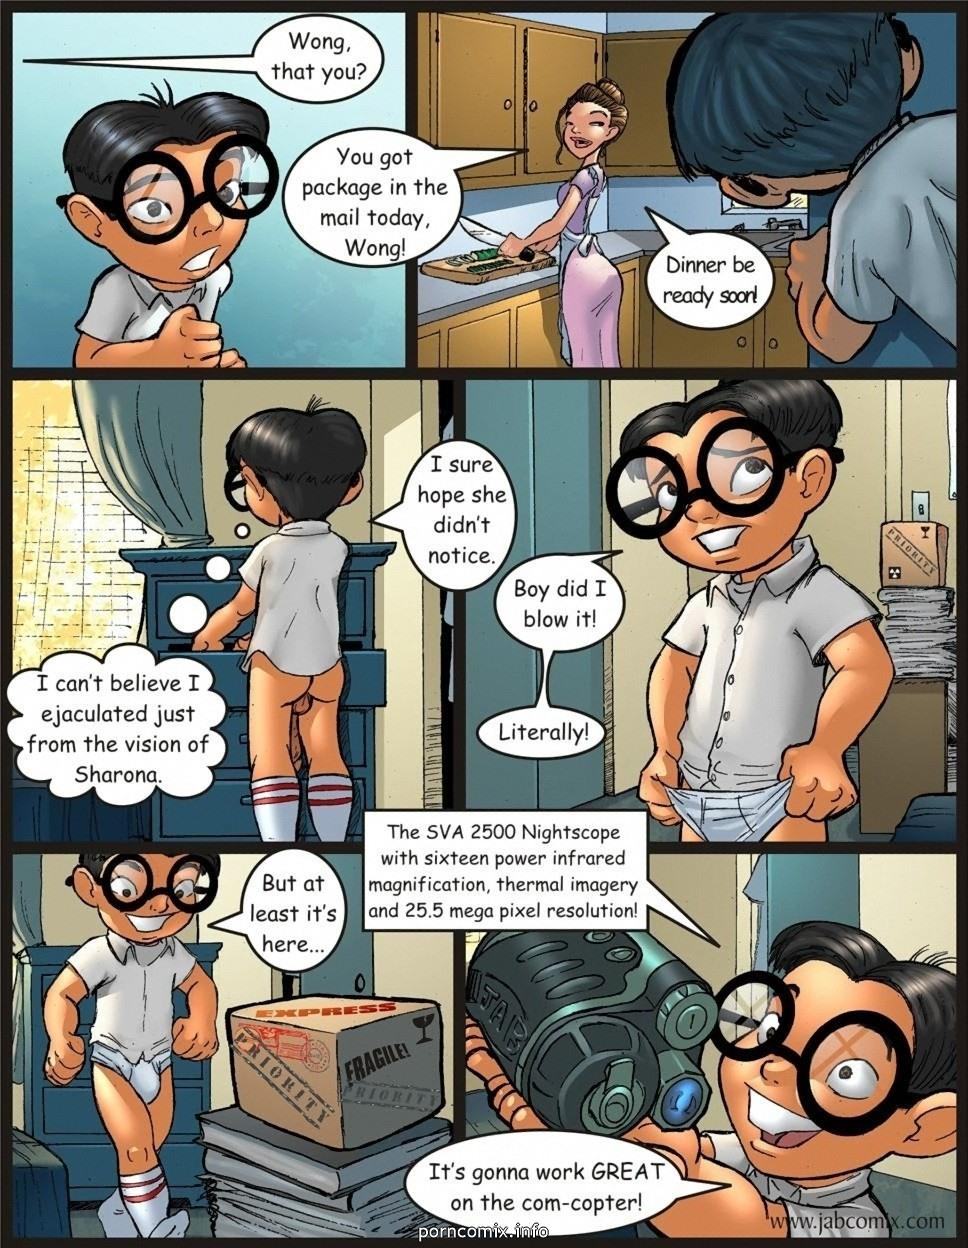 Jab Comix My Hot Ass Beautiful my hot ass neighbor 3 8muses jab comix - 8 muses sex comics